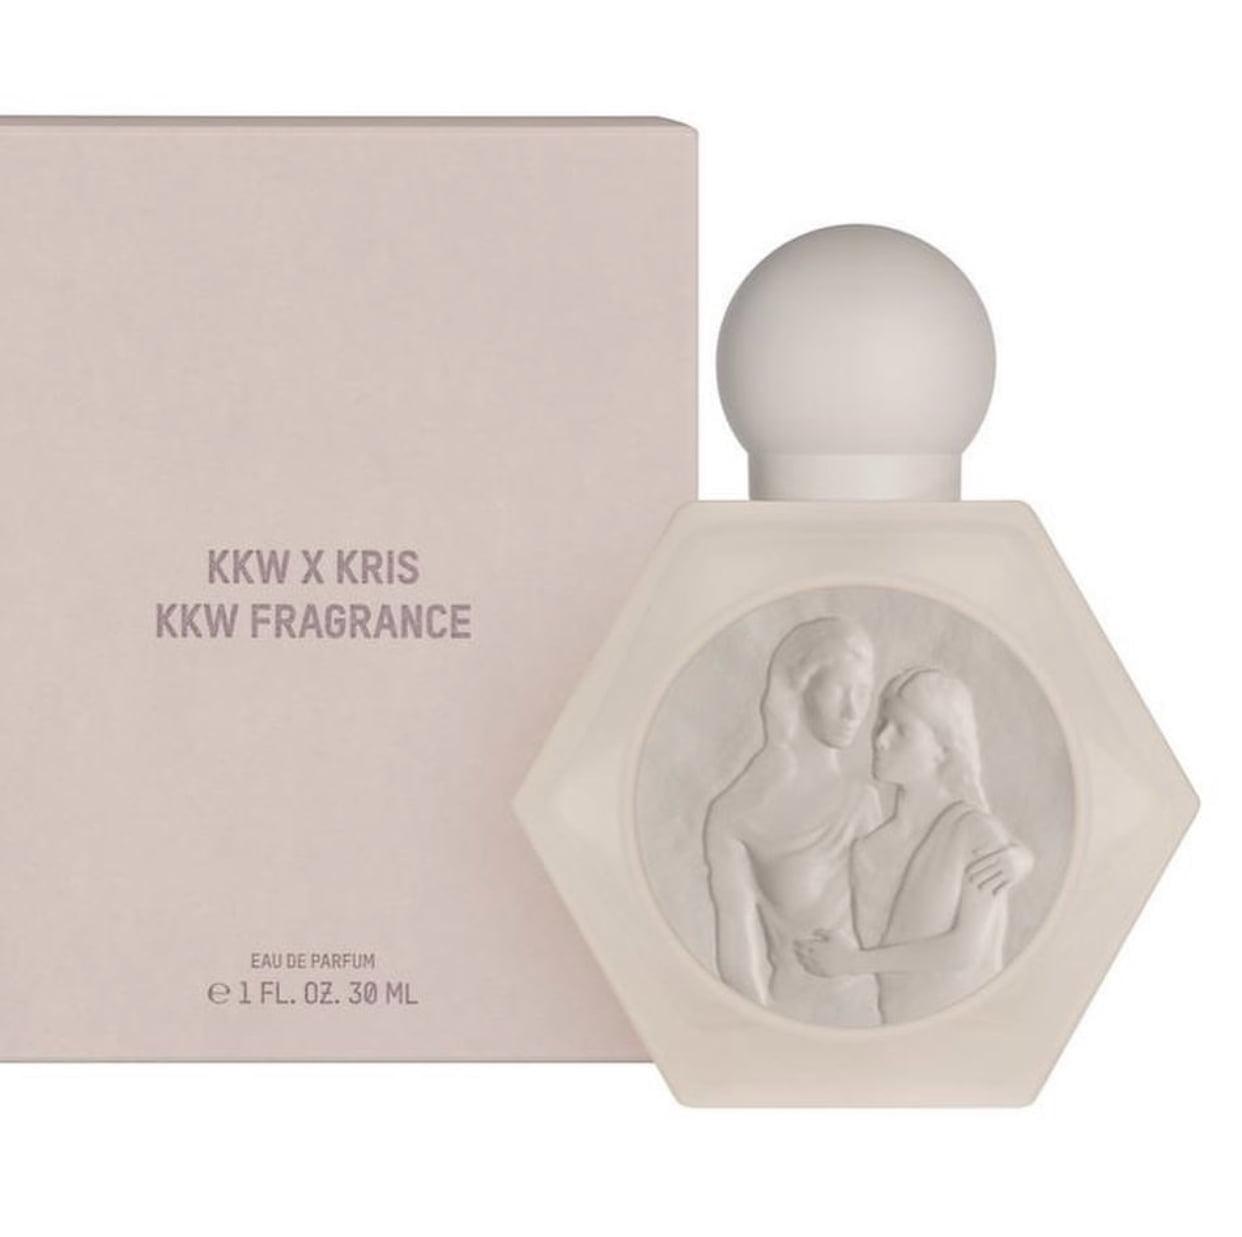 KKW x Kris Fragrance